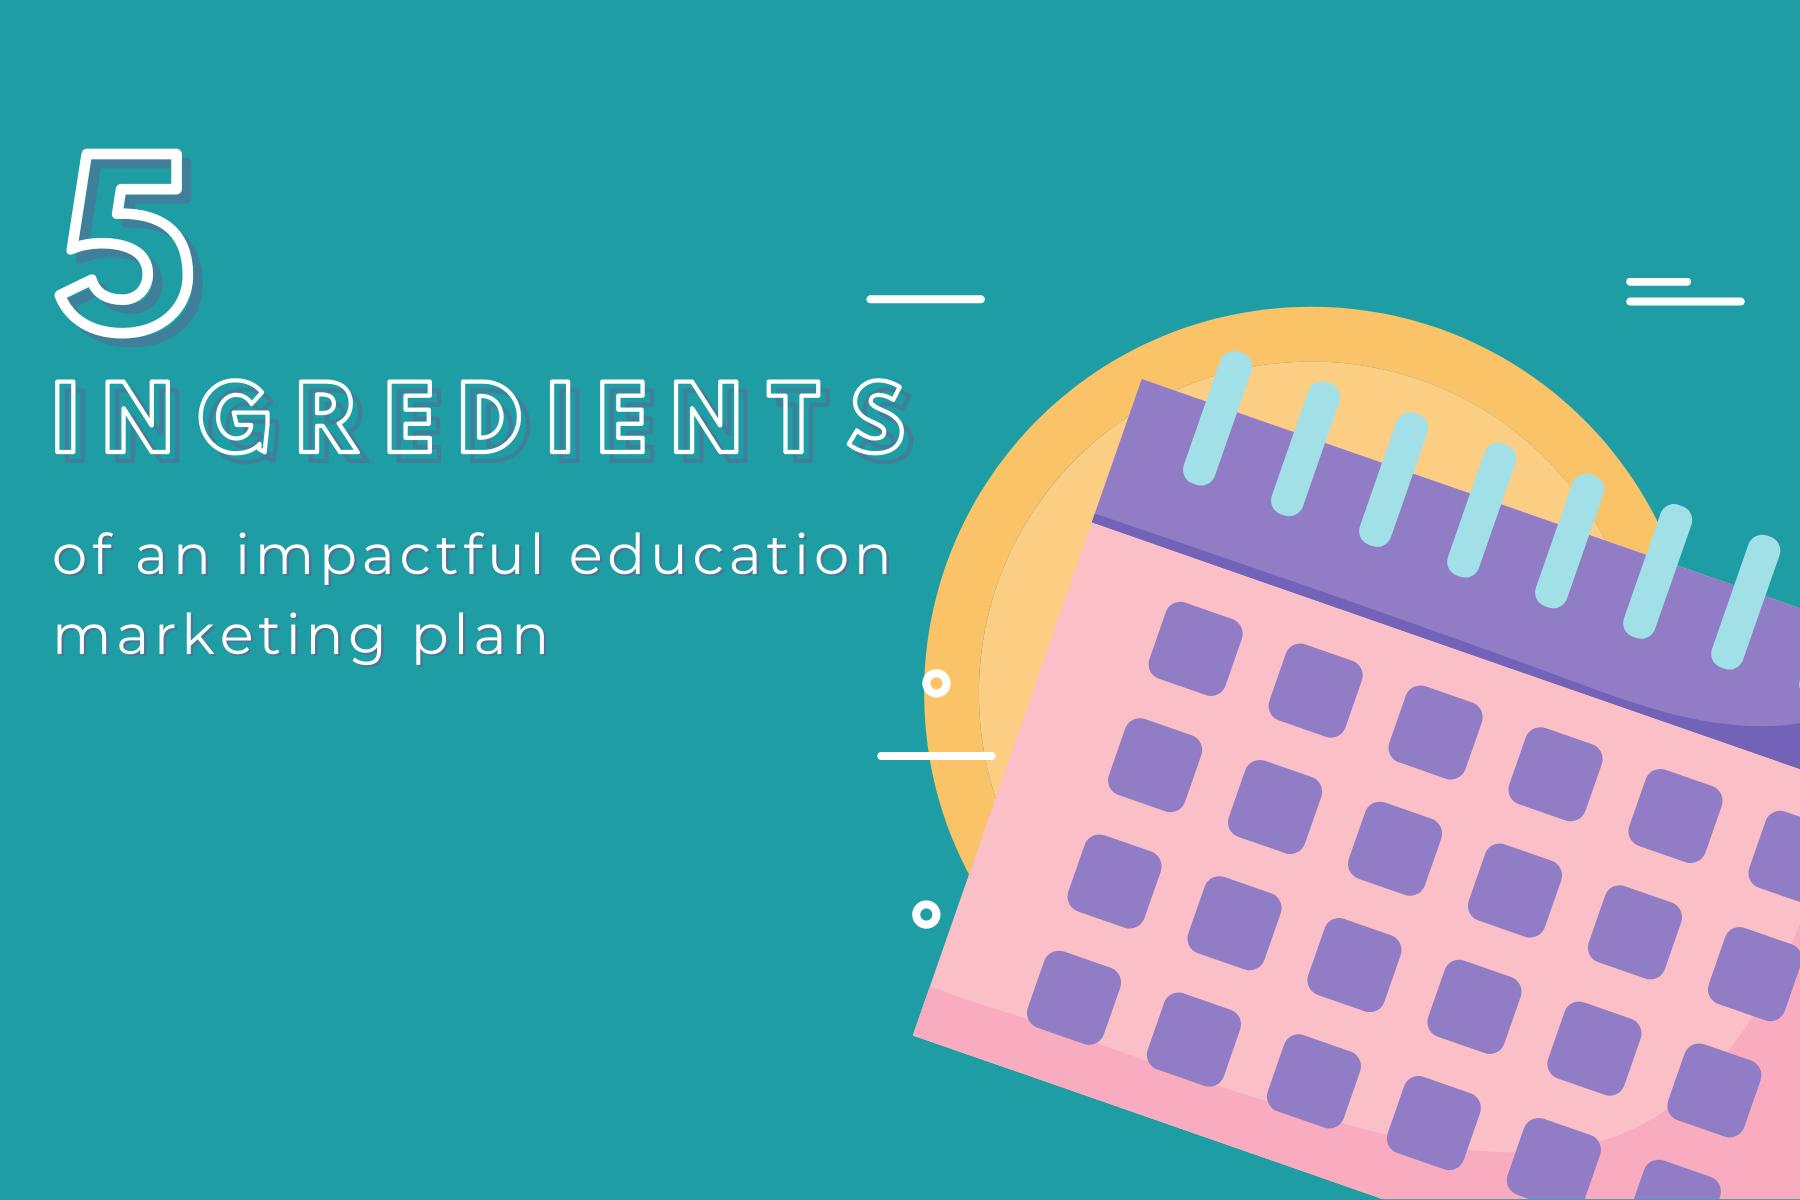 5 ingredients of an impactful education marketing plan